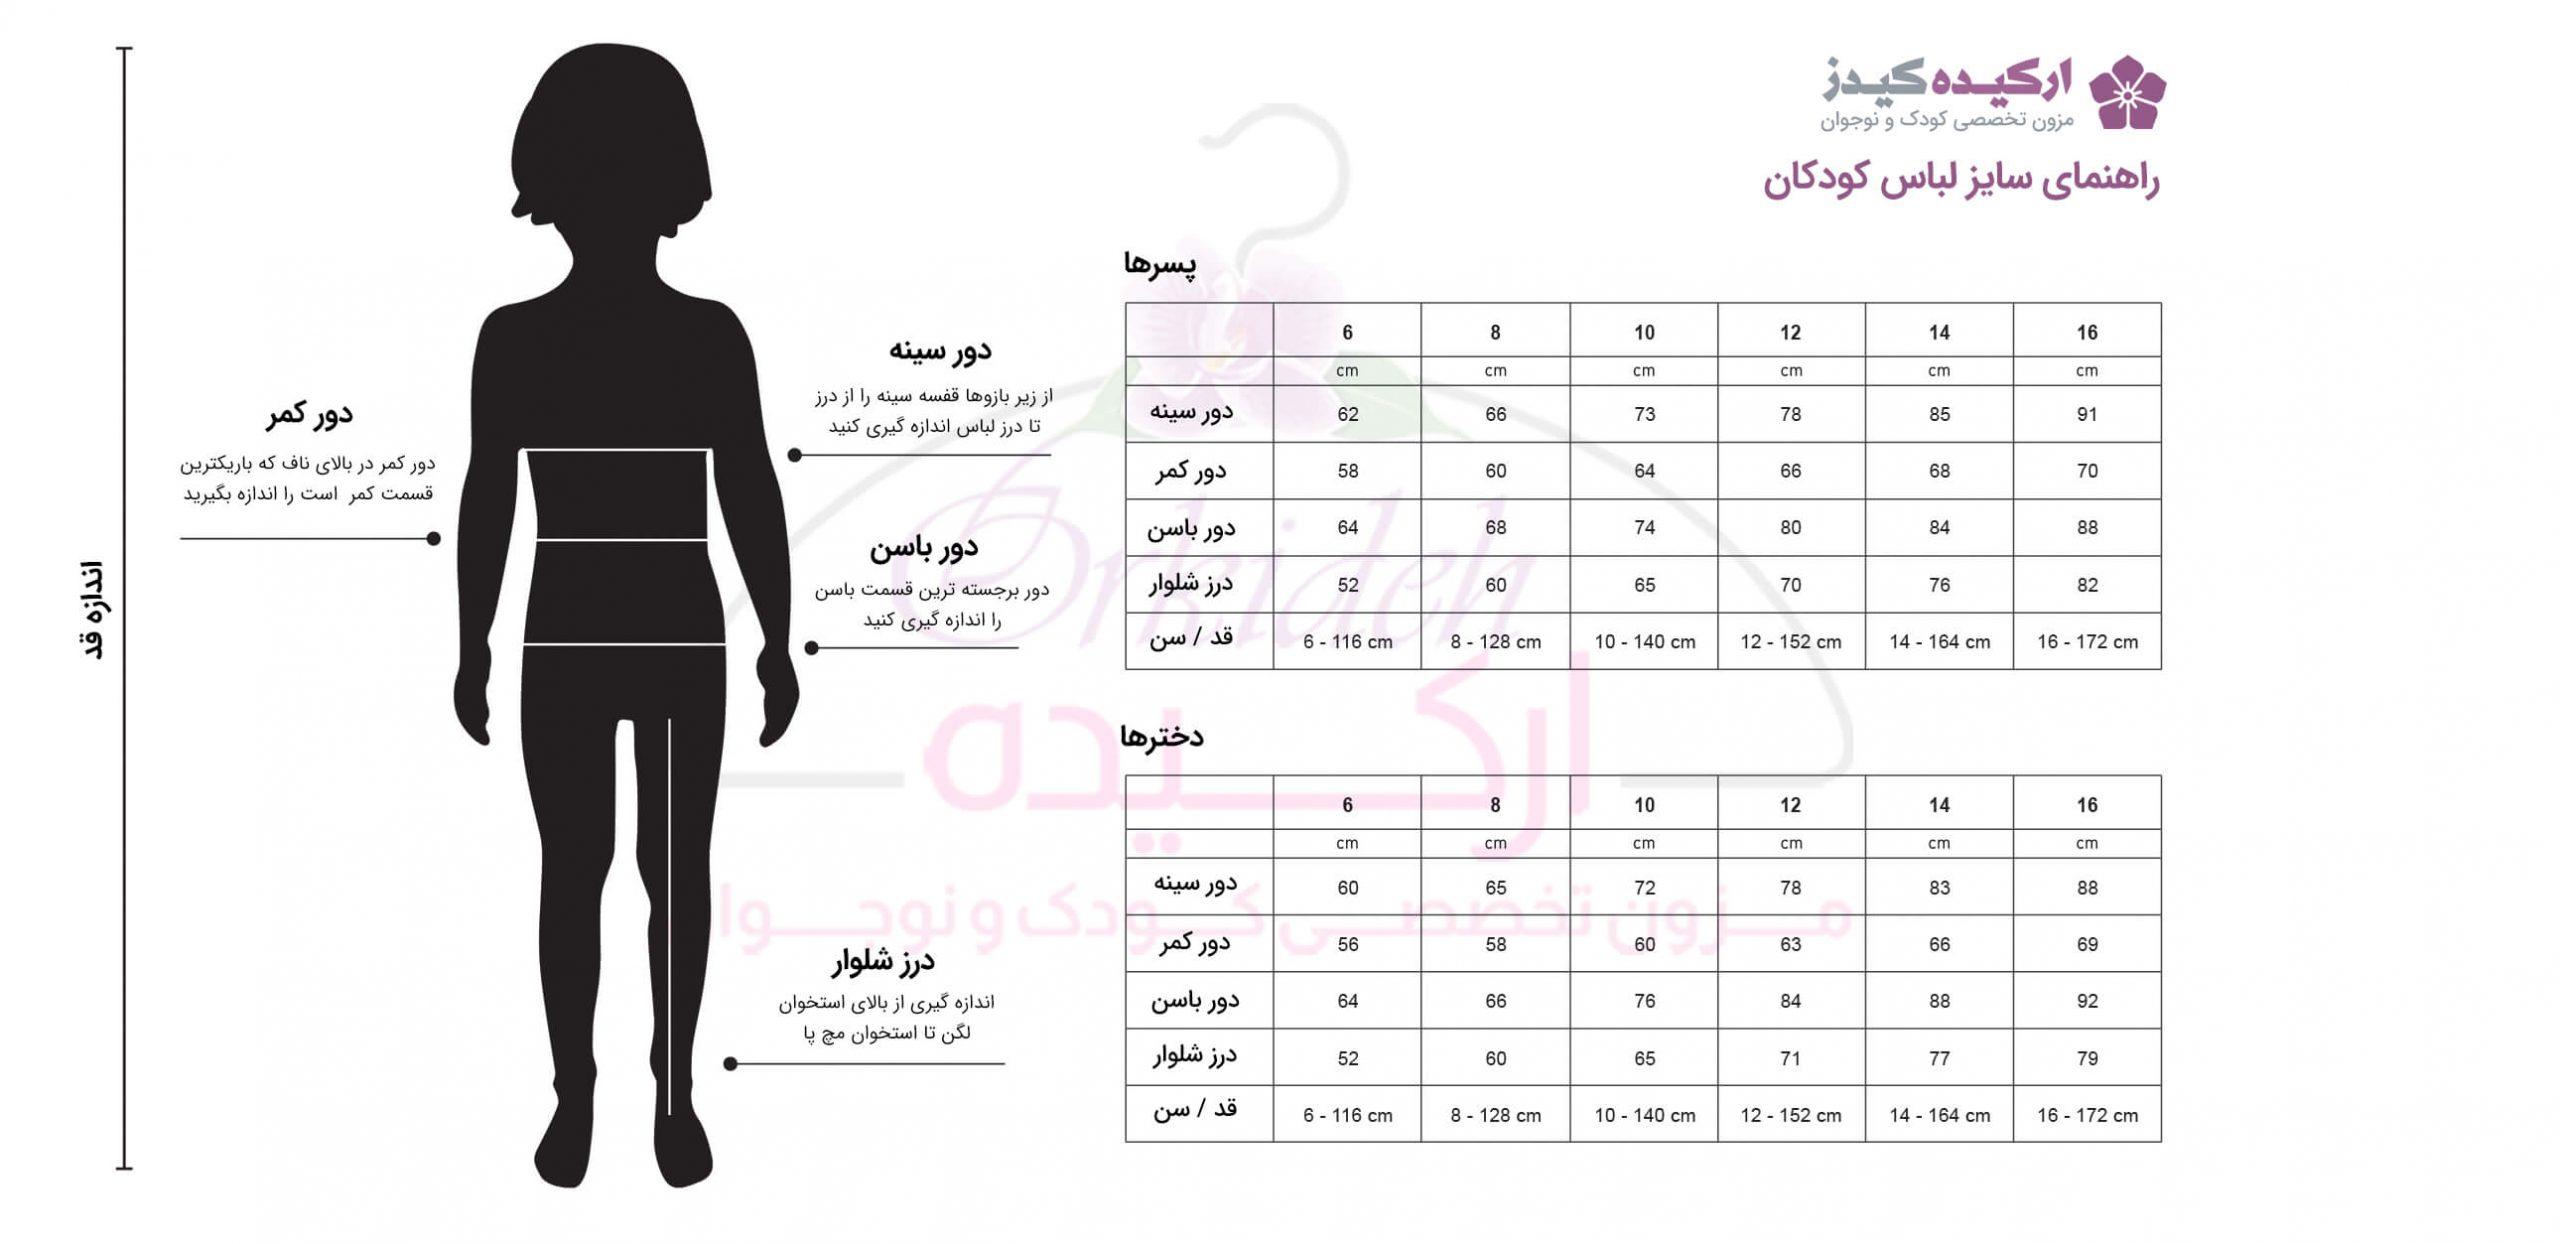 نمودار سایزبندی لباس کودک